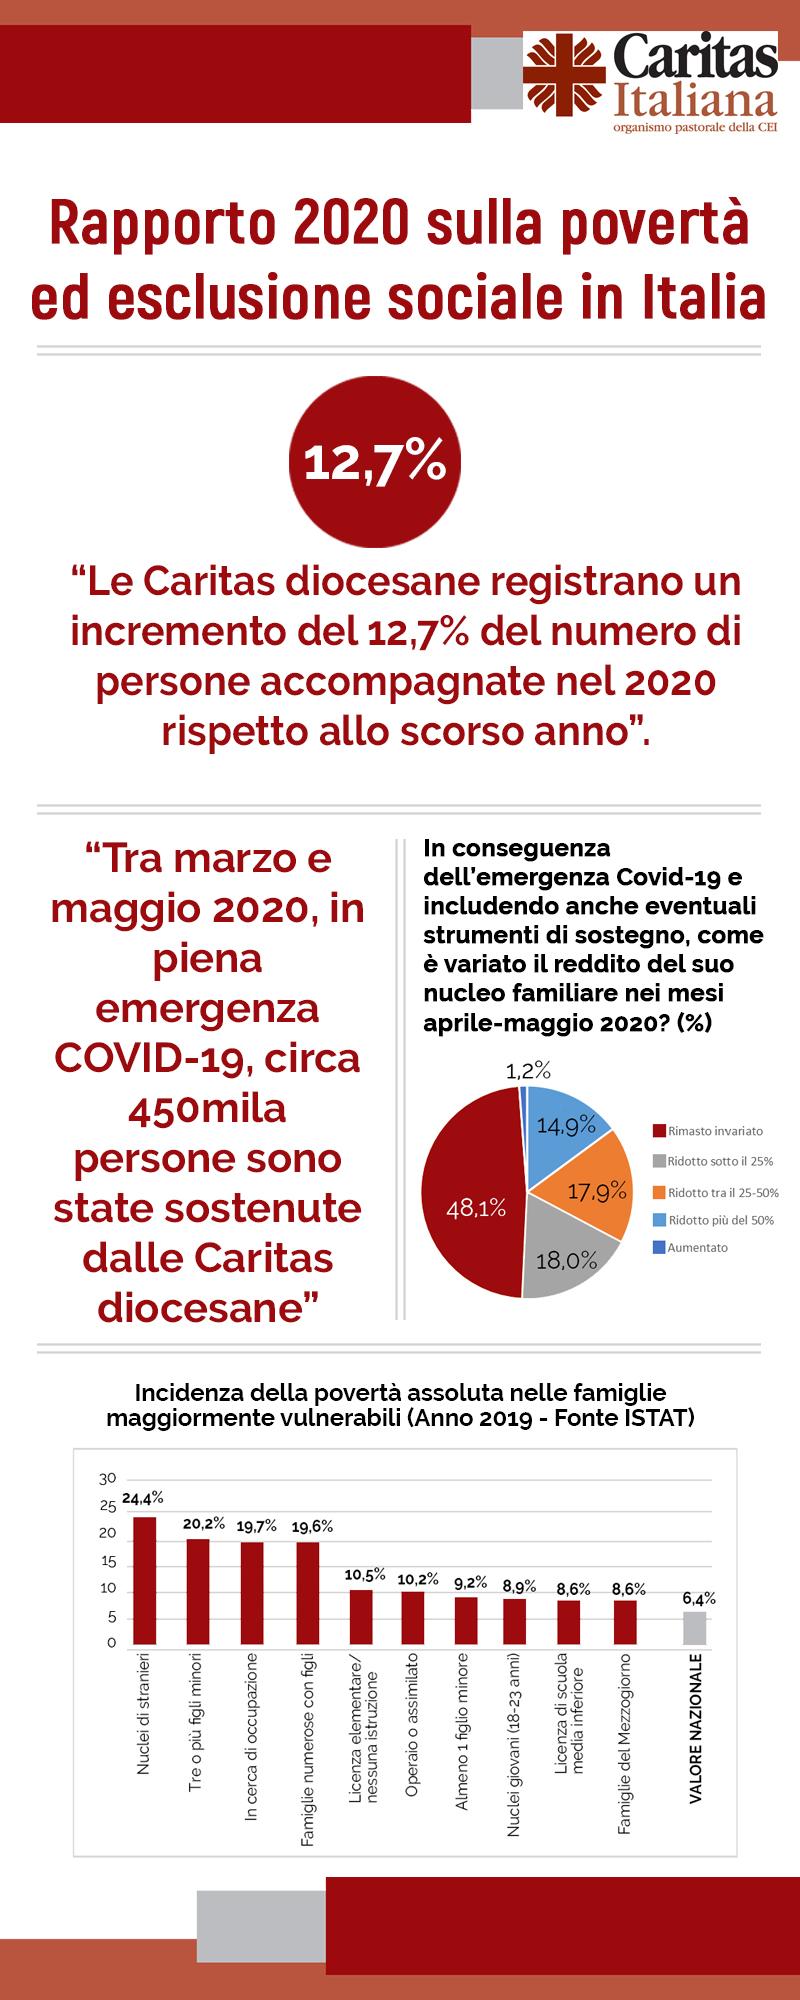 rapp-caritss-2020-infografica_rapporto_caritas_2020_2